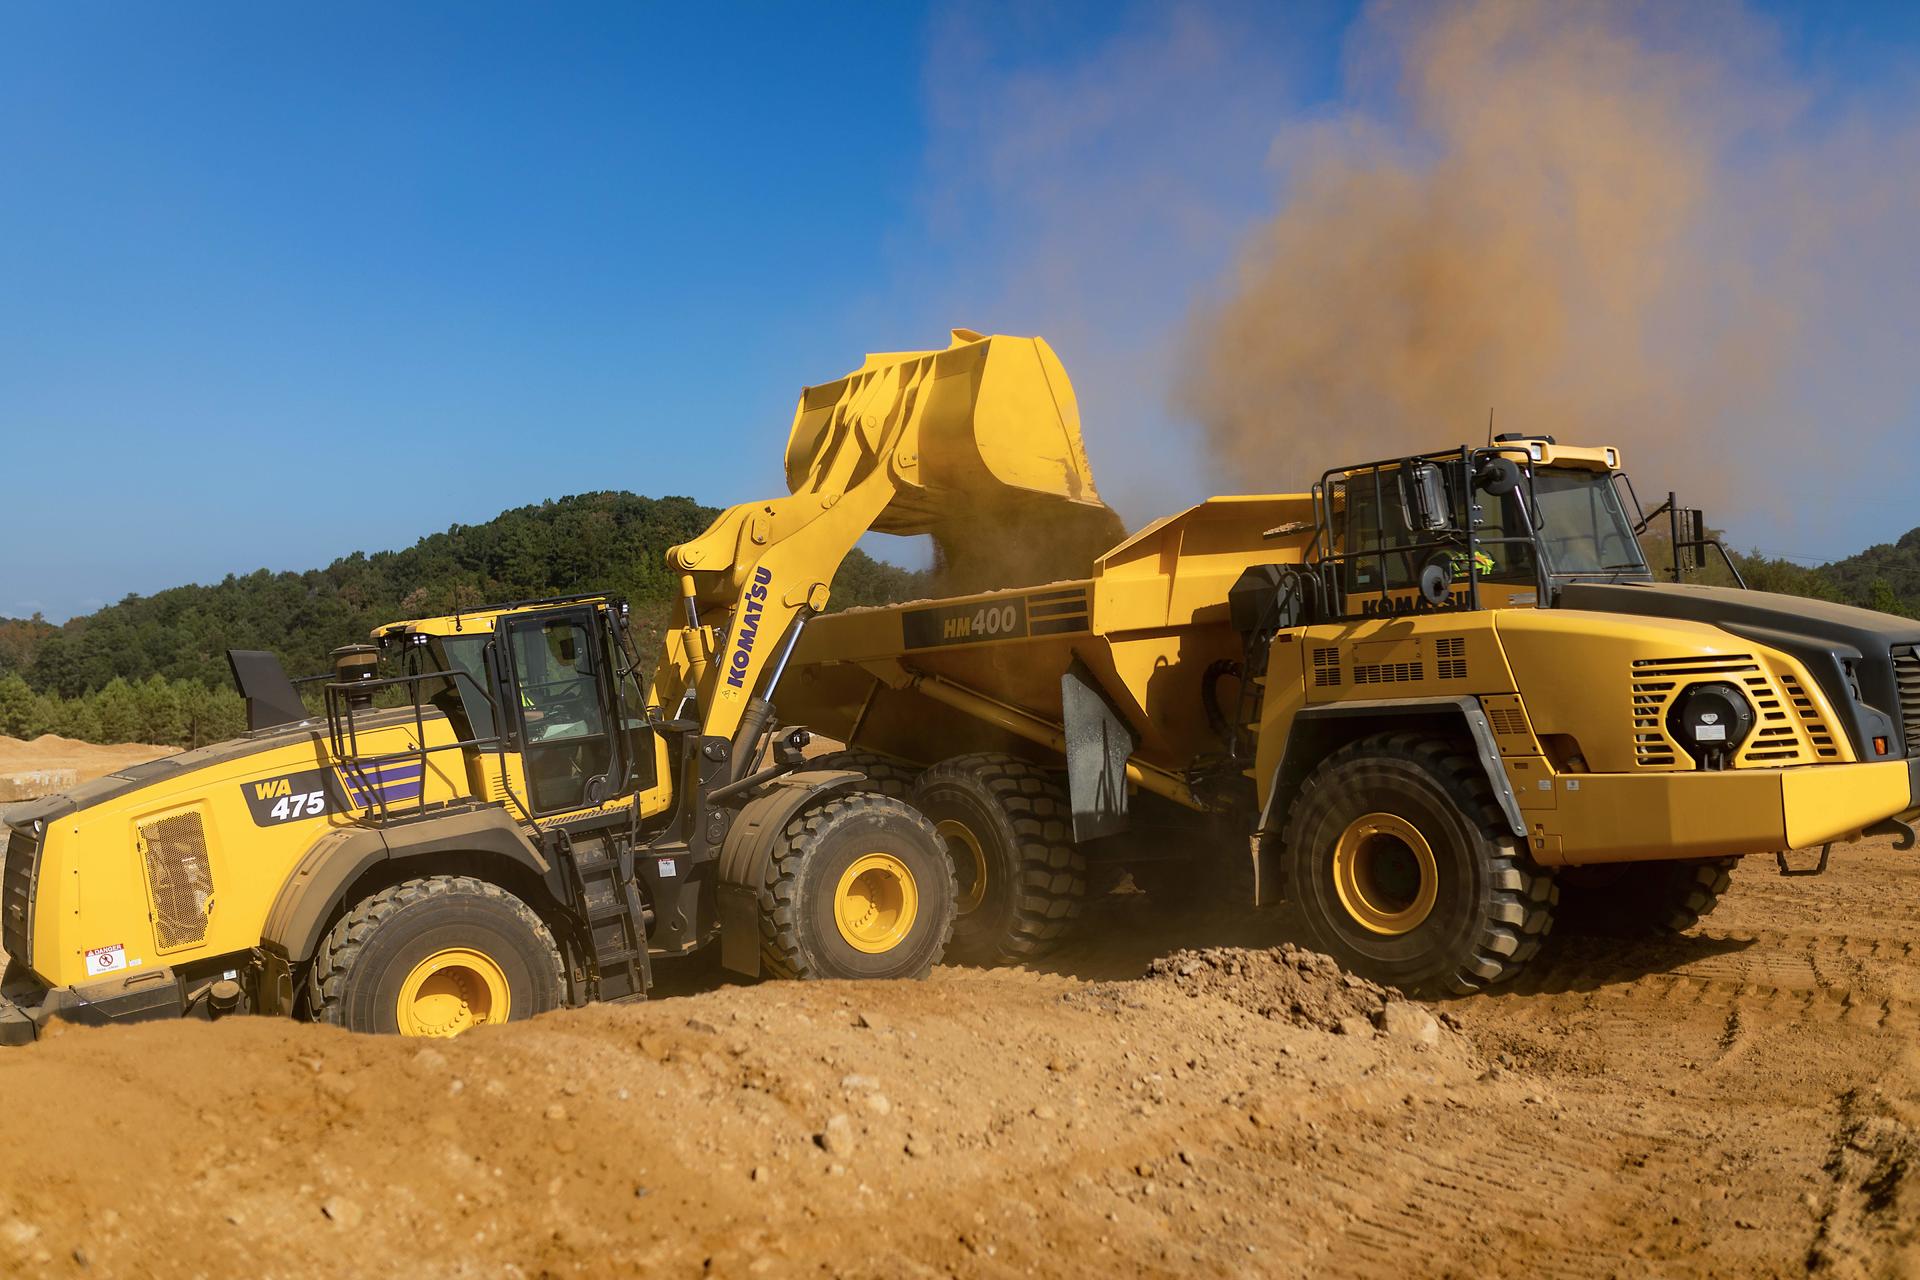 Komatsu WA475-10 wheel loader loading truck